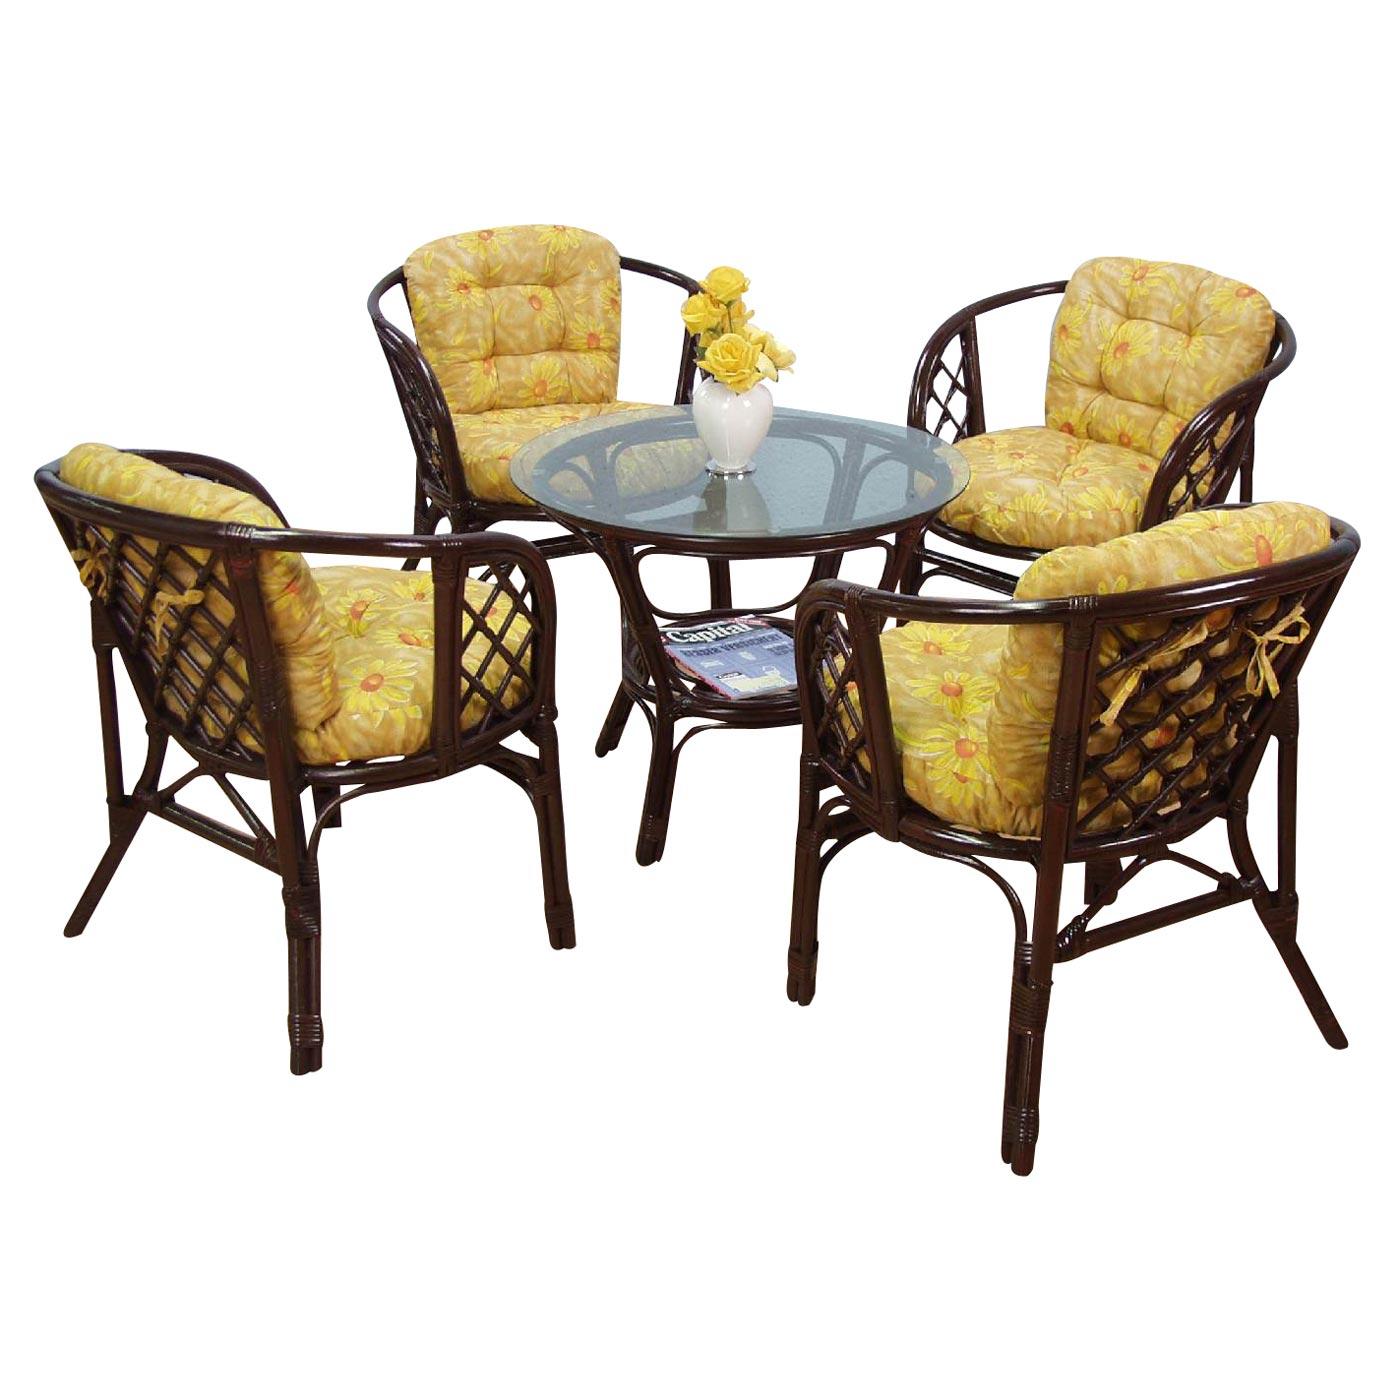 garten garnitur h135 sitzgruppe sitzgarnitur bistro. Black Bedroom Furniture Sets. Home Design Ideas